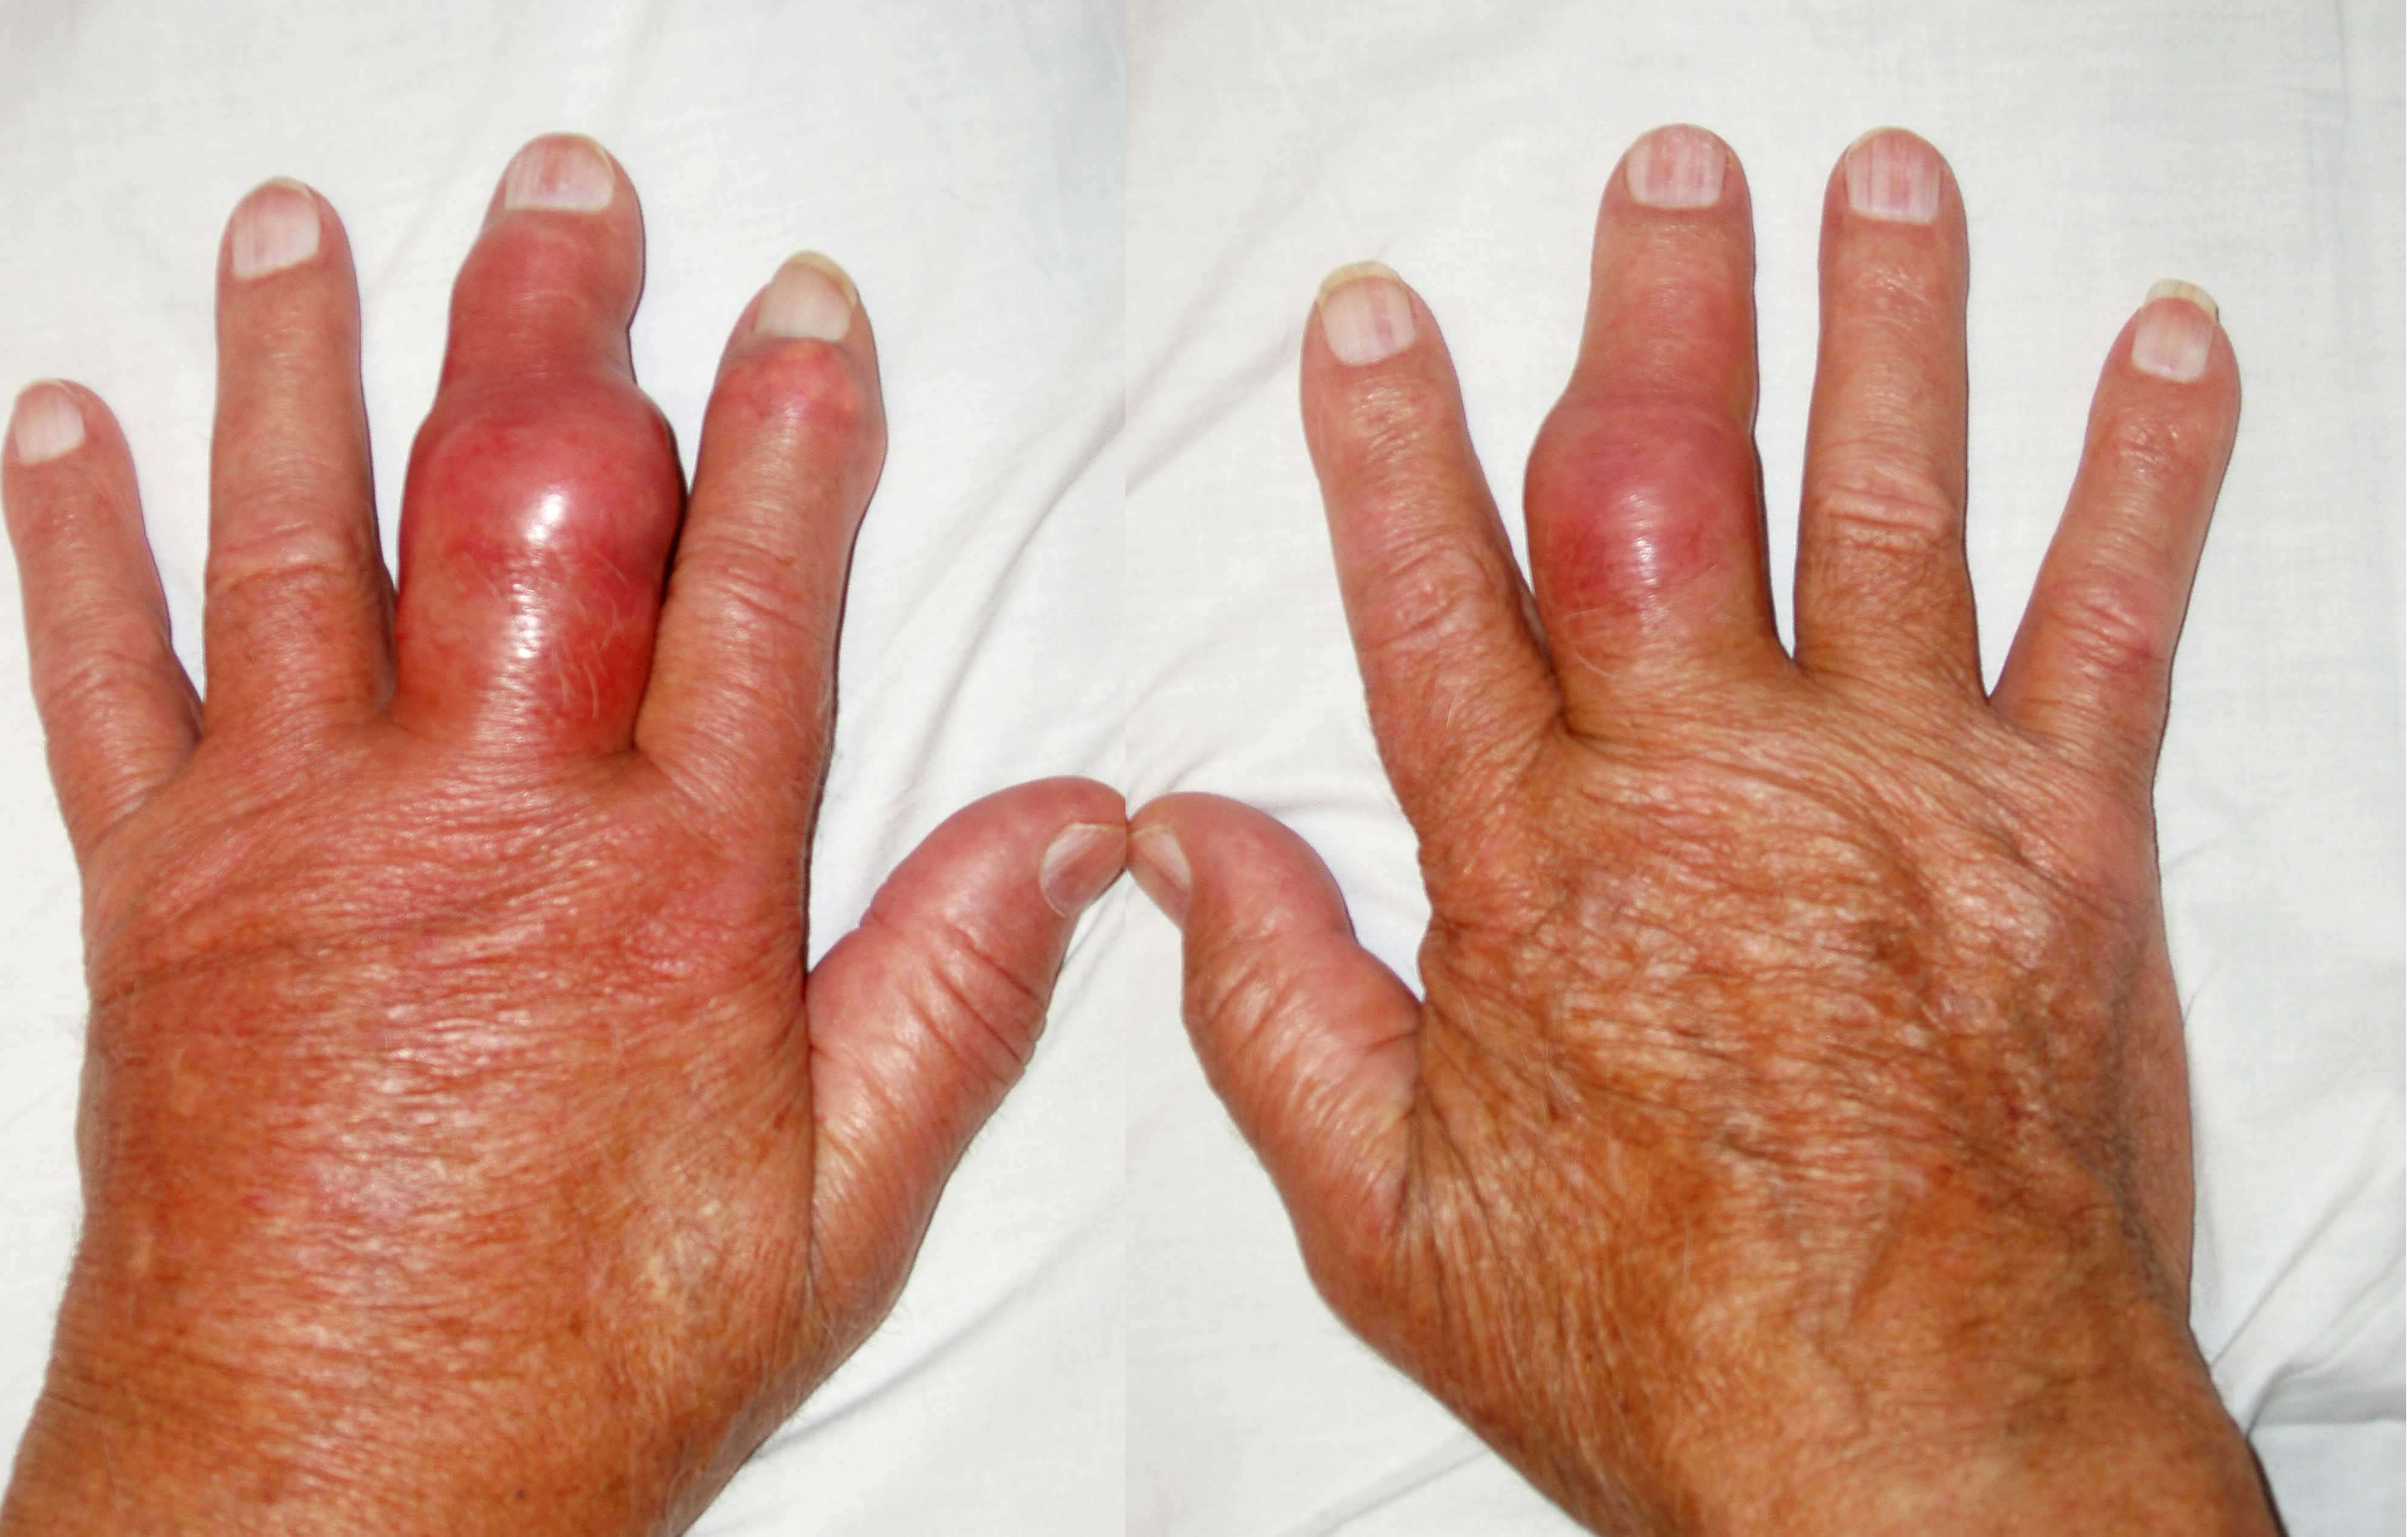 inflamação, inchaço e dor nas mãos